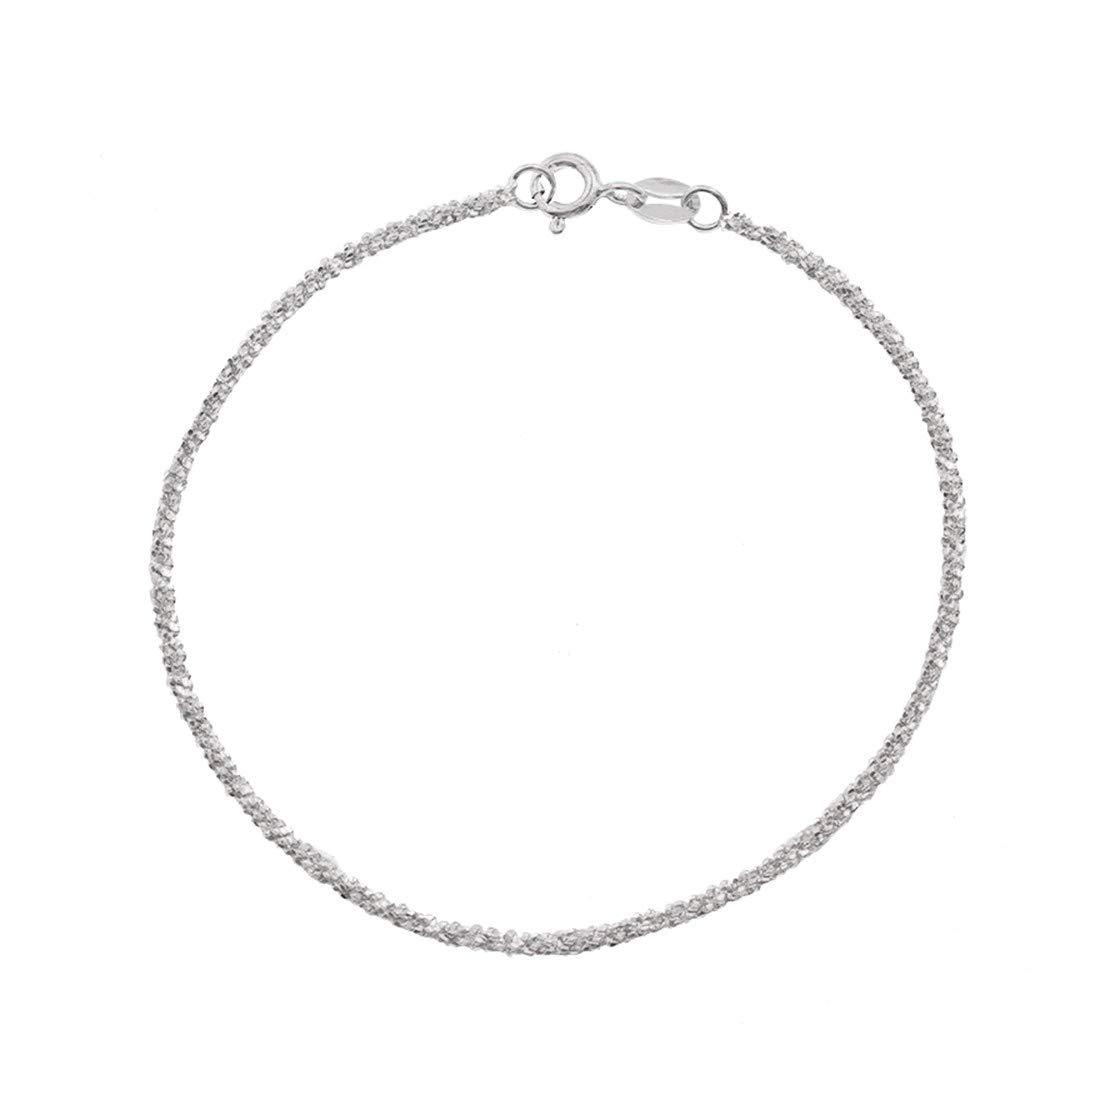 【本物新品保証】 YIYIYAレディースブレスレットS925スターリングシルバーの星形の結婚式の宝石類レディースジュエリーの贈り物   B07LGZ19PJ, クイックニットサービス:2f79a53d --- a0267596.xsph.ru